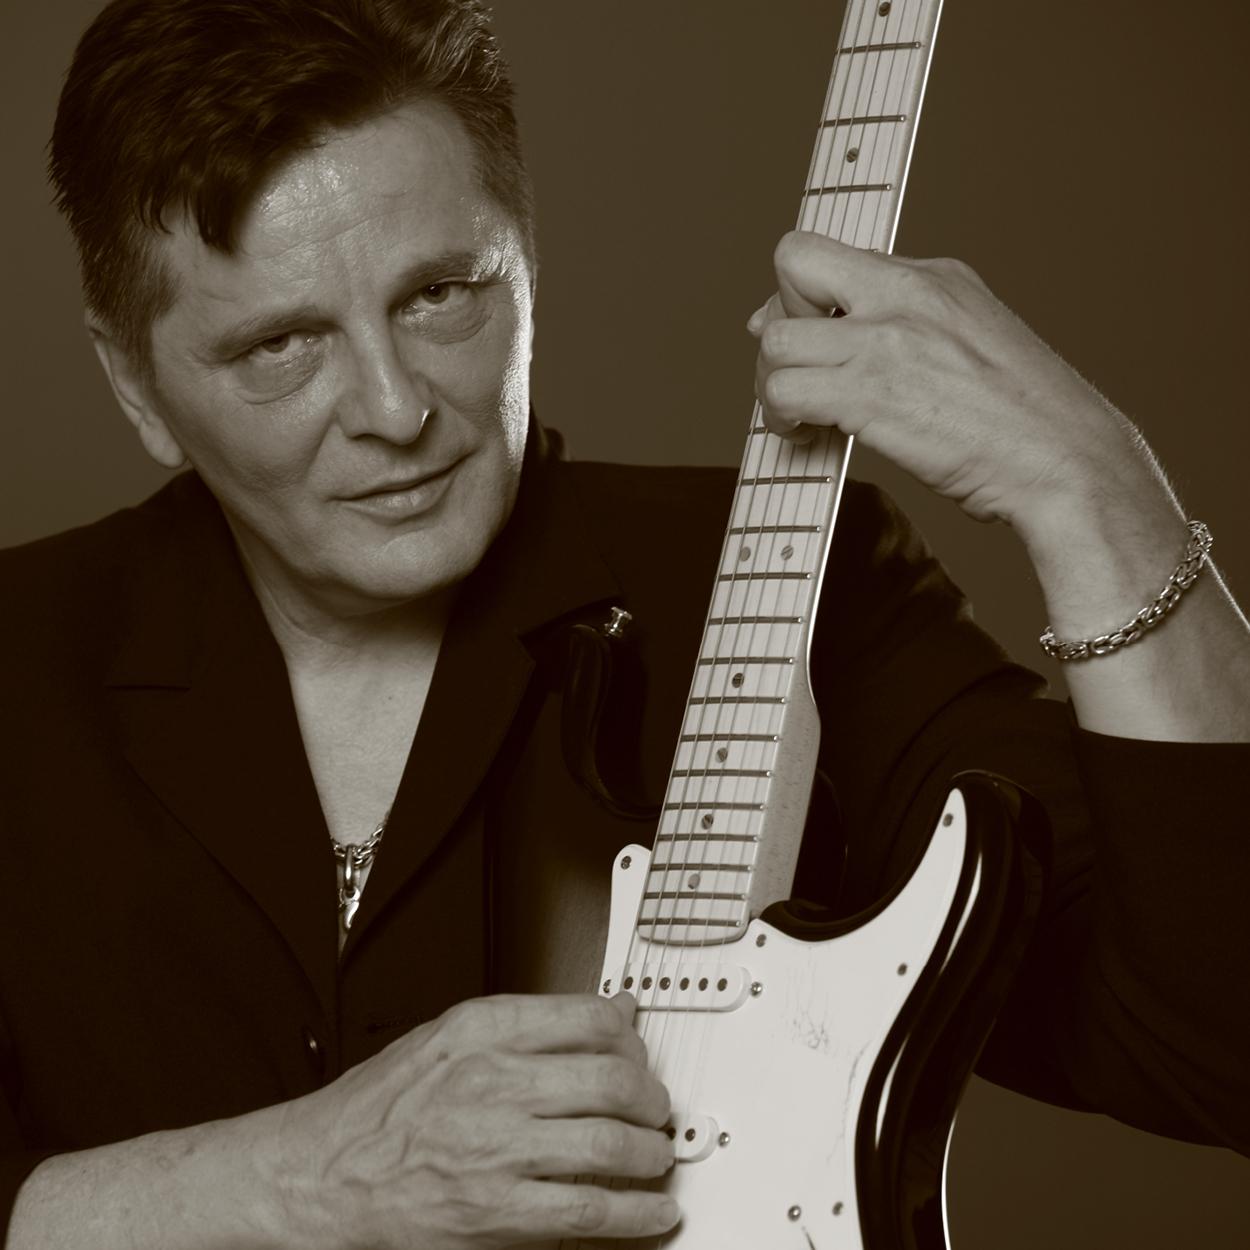 """Daniel Popović - Daniel je glasbeni talent podedoval po svoji mami. Komponirati in igrati kitaro je začel pri svojih 12 letih. Na skoraj vseh festivalih, kjer je bil je zmagal ali dobil številne nagrade. 1983 s pesmijo Džuli kot predstavnik TV Črna Gora odide v Novi Sad in prepričljivo zmaga v zelo močni konkurenci. Istega leta na izboru za pesem Evrovizije v Munchnu kot predstavnik Jugoslavije osvoji visoko 4. mesto. Po tem izboru vsa Nemčija, kot ostala Evropa proglasi Daniela za moralnega zmagovalca Evrovizije in pesem postane velik hit. Daniel Džuli takoj doda na svoj album """"Bio sam naivan"""" , ki se v Jugoslaviji proda v 1,200.000 primerkih, v Nemčiji 500.000 single plošč...OD 20.05 DO 21.25"""